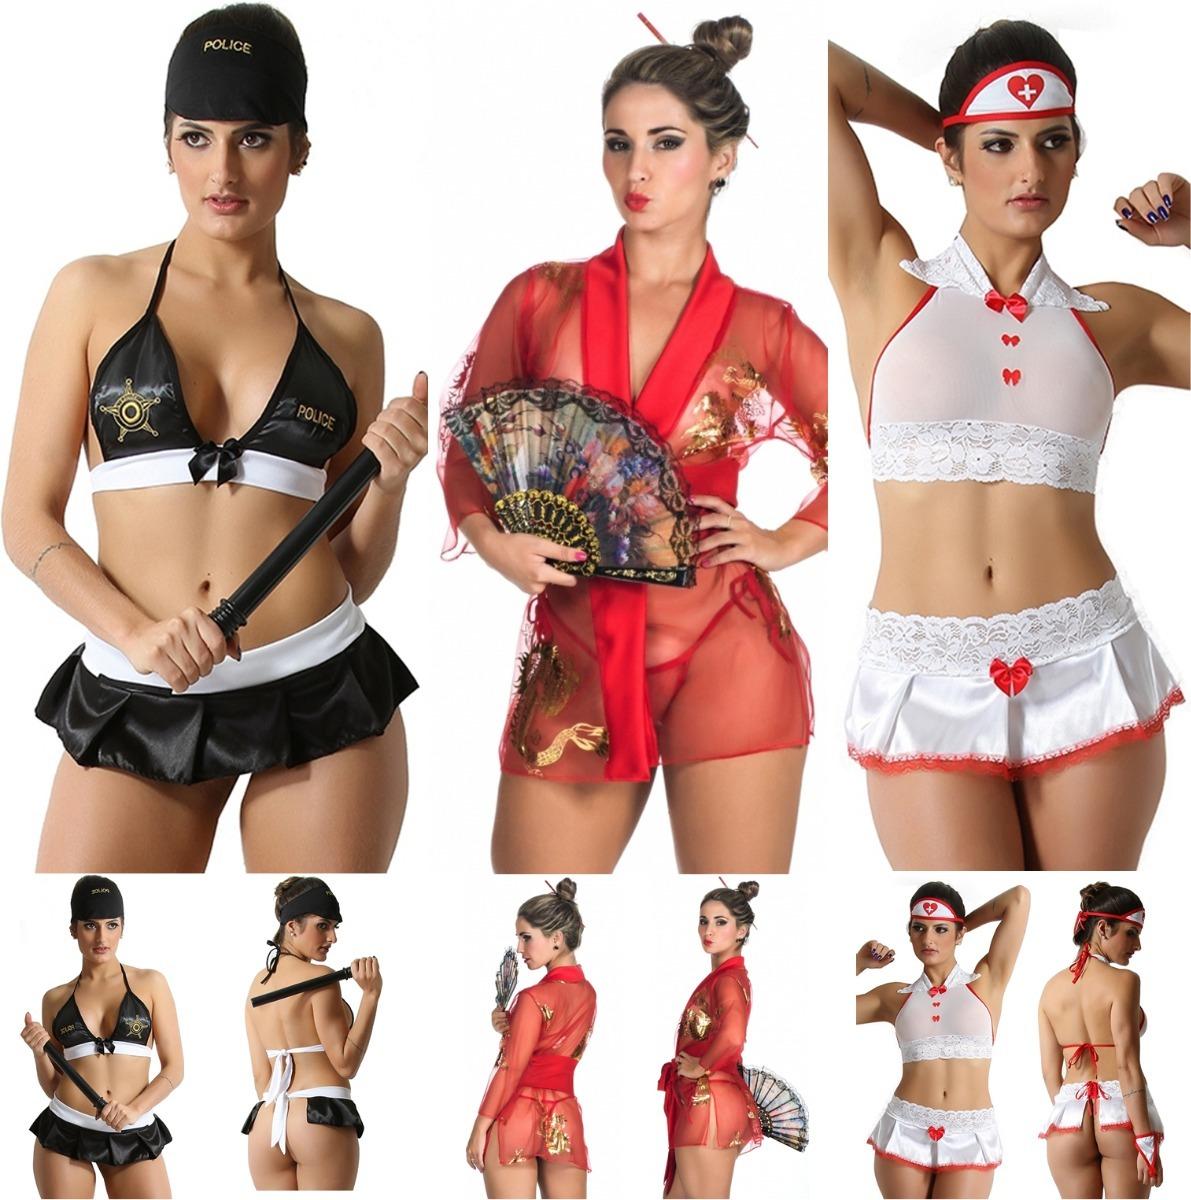 6fb73a926 moda intima kit com 3 fantasias lingerie sex atacado revenda. Carregando  zoom.